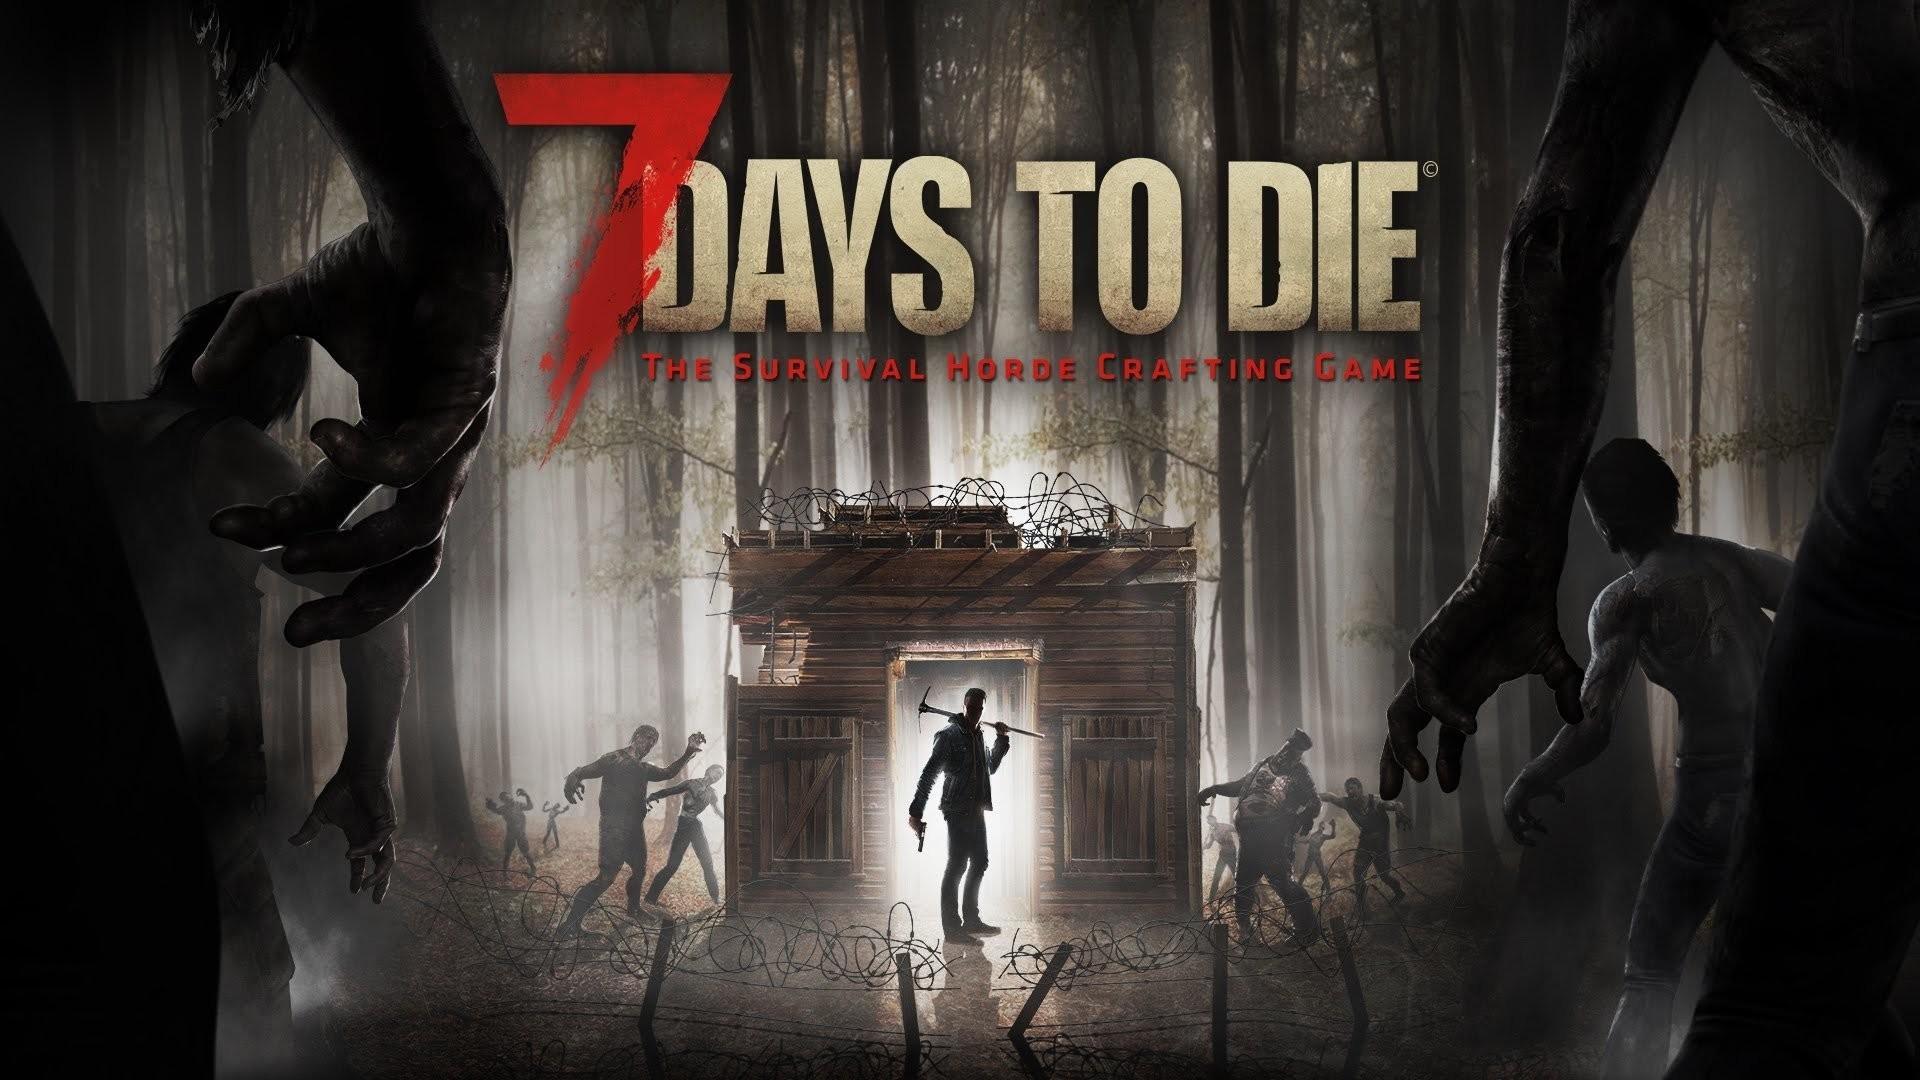 HD Wallpaper | Hintergrund ID:709973. Computerspiele 7 Days to die